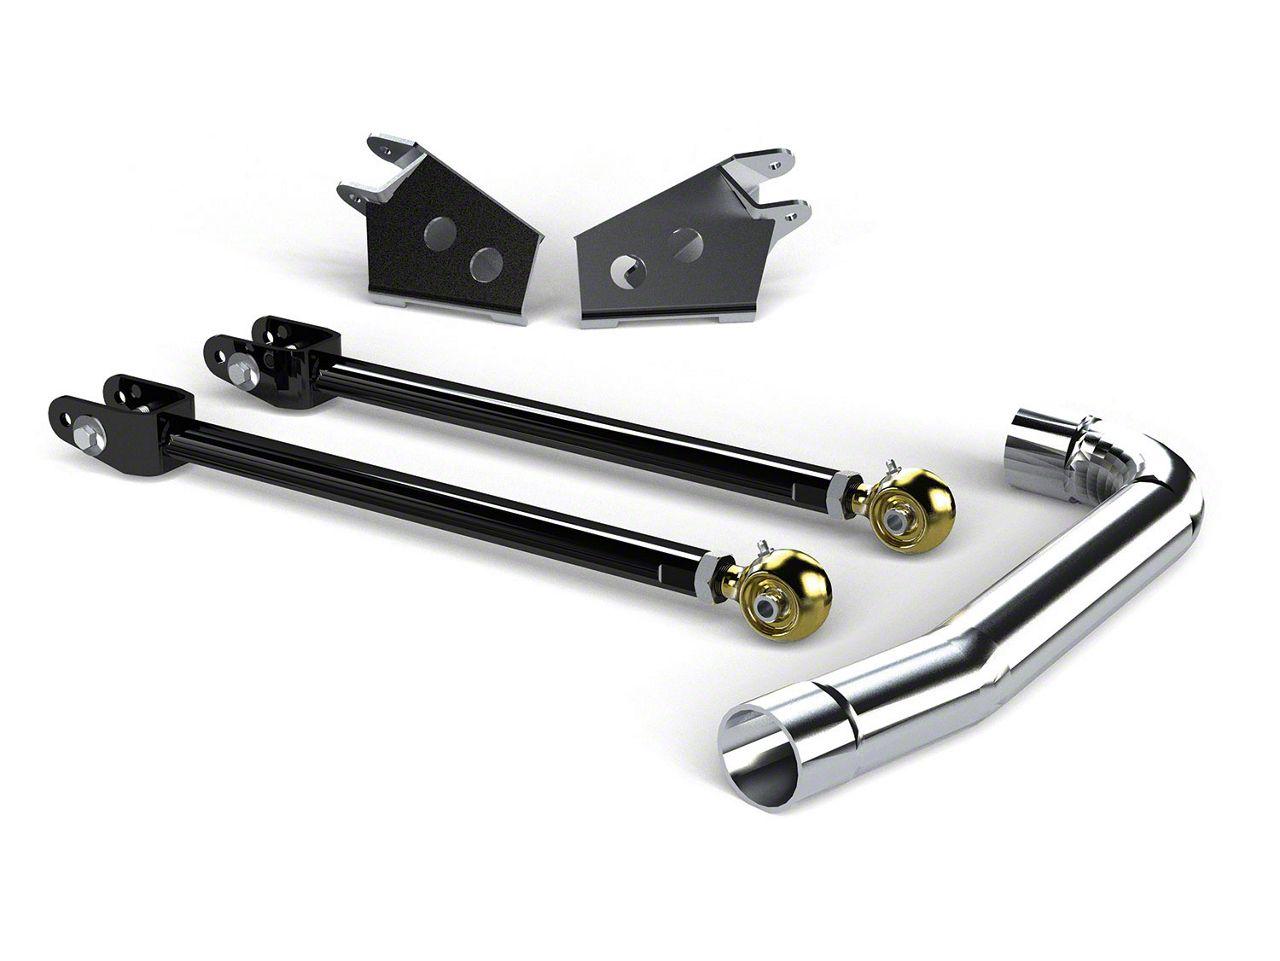 Teraflex Pro LCG Front Upper Long FlexArm Kit w/ Brackets (97-06 Jeep Wrangler TJ)